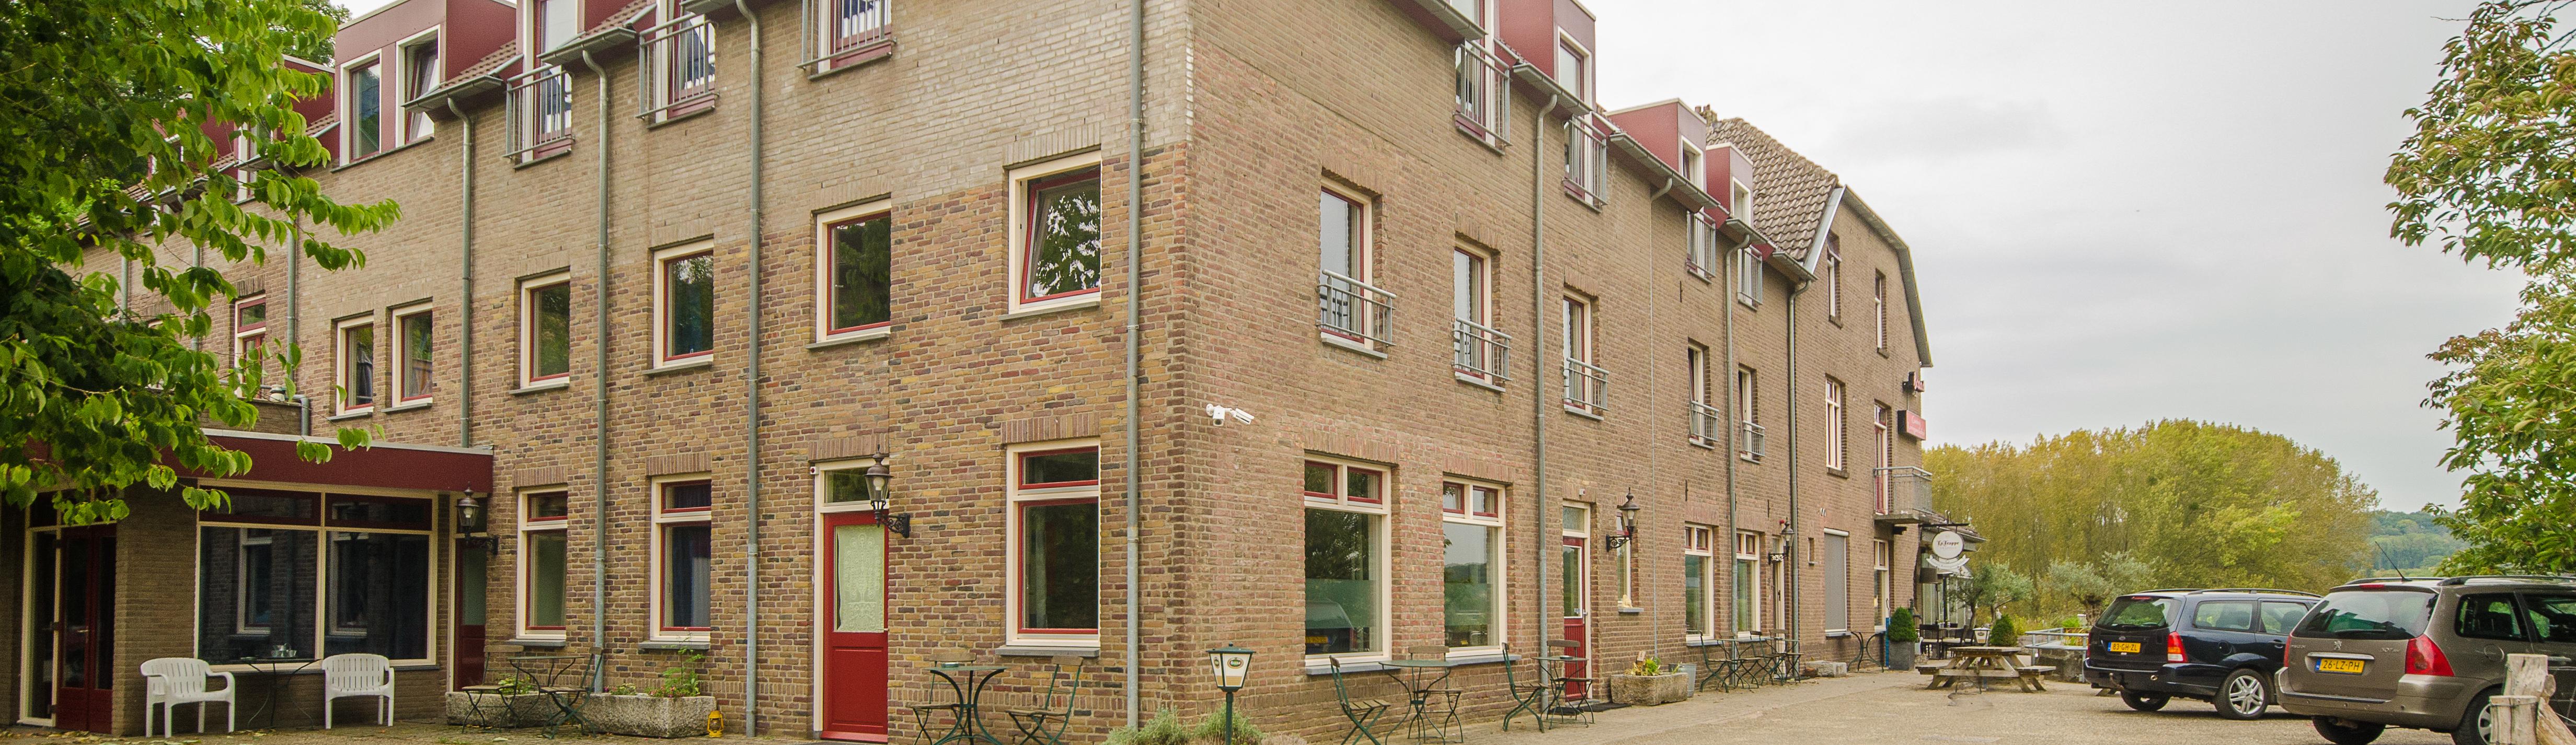 Koningswinkelhof 2